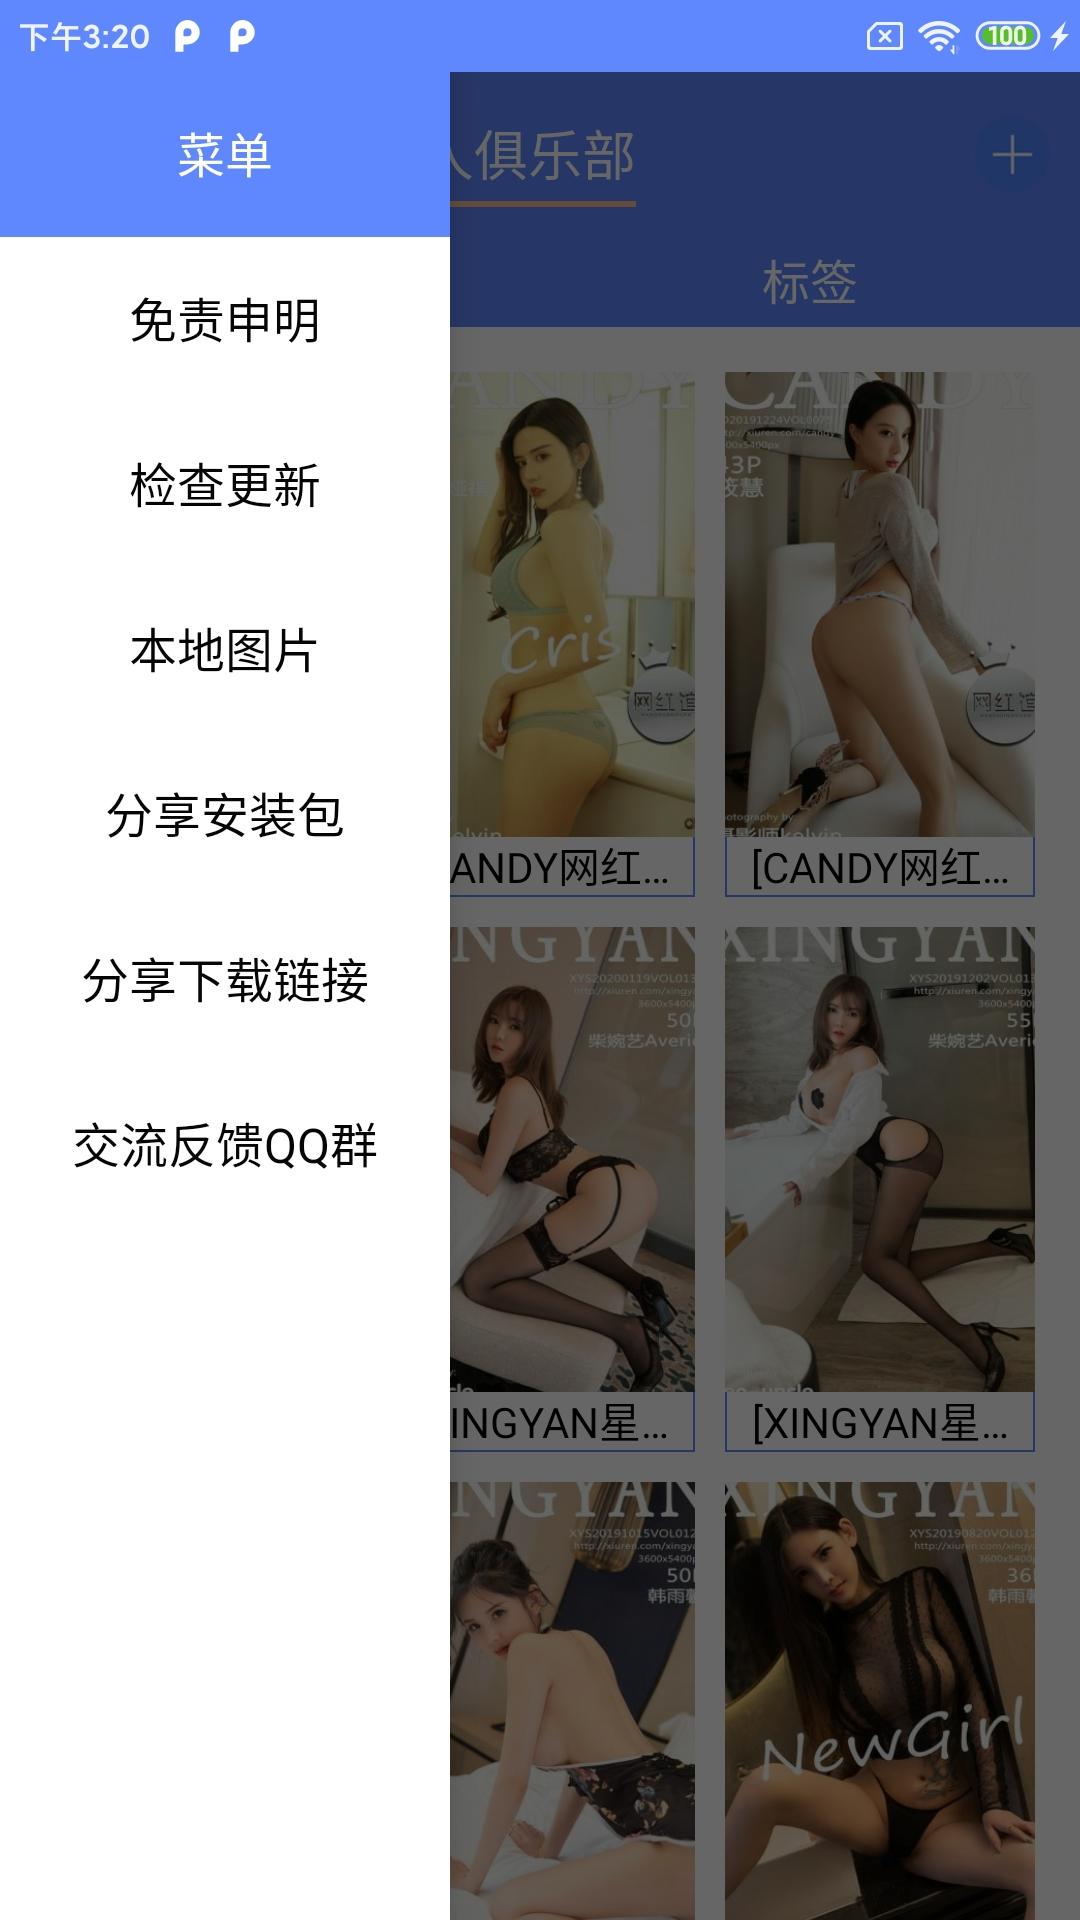 【安卓】美女图片爬虫,超多网站可选